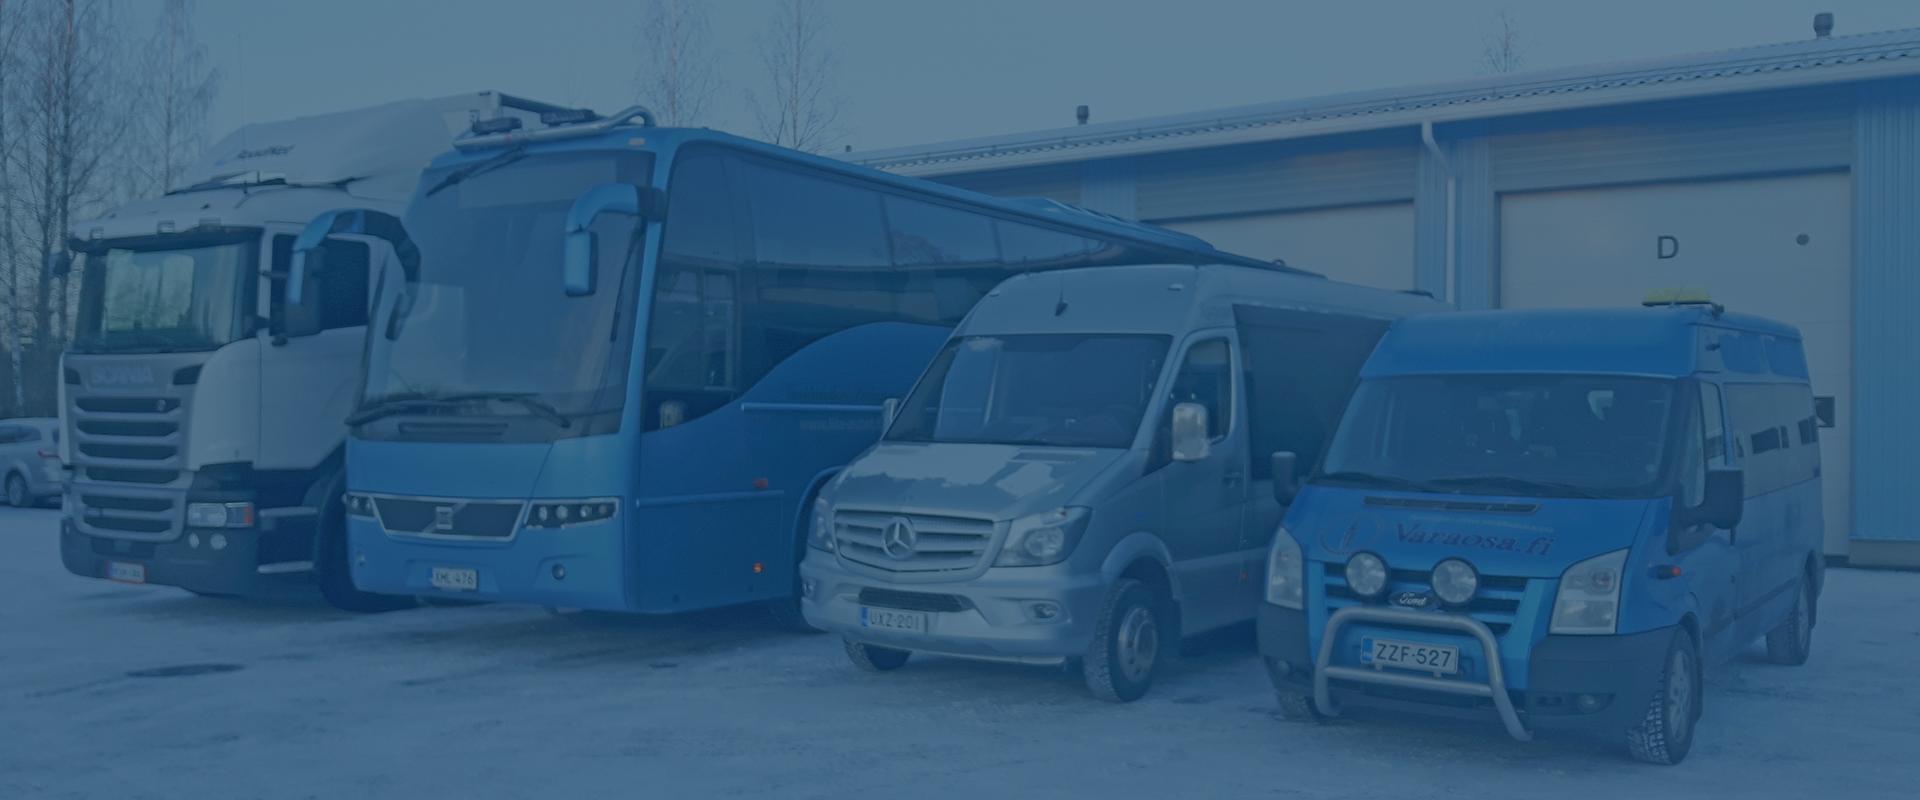 Tavarakuljetukset ja tilausajot sopimuksen mukaan - Pirkanmaan Kuljetuspalvelu Oy